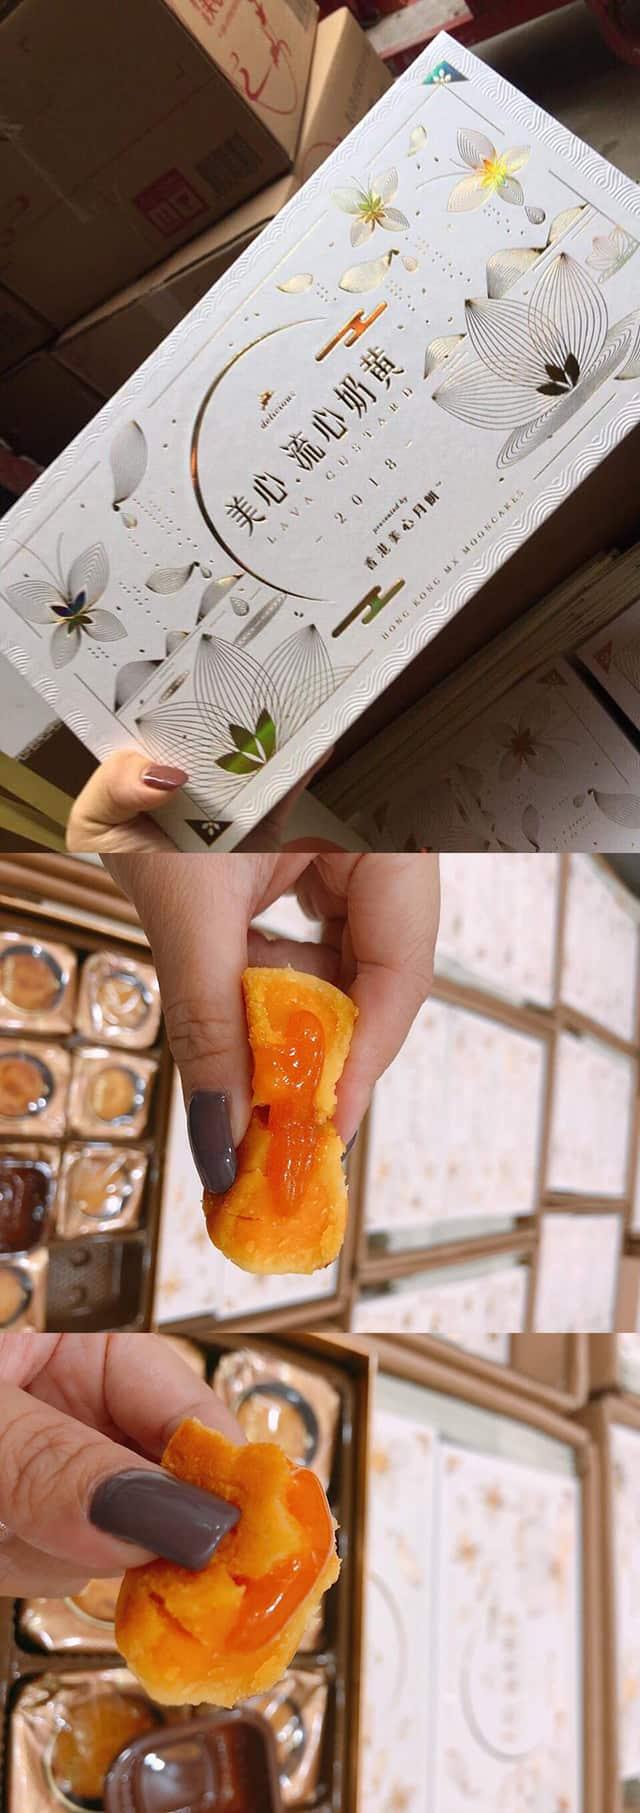 Bánh trung thu lava trứng chảy 2018